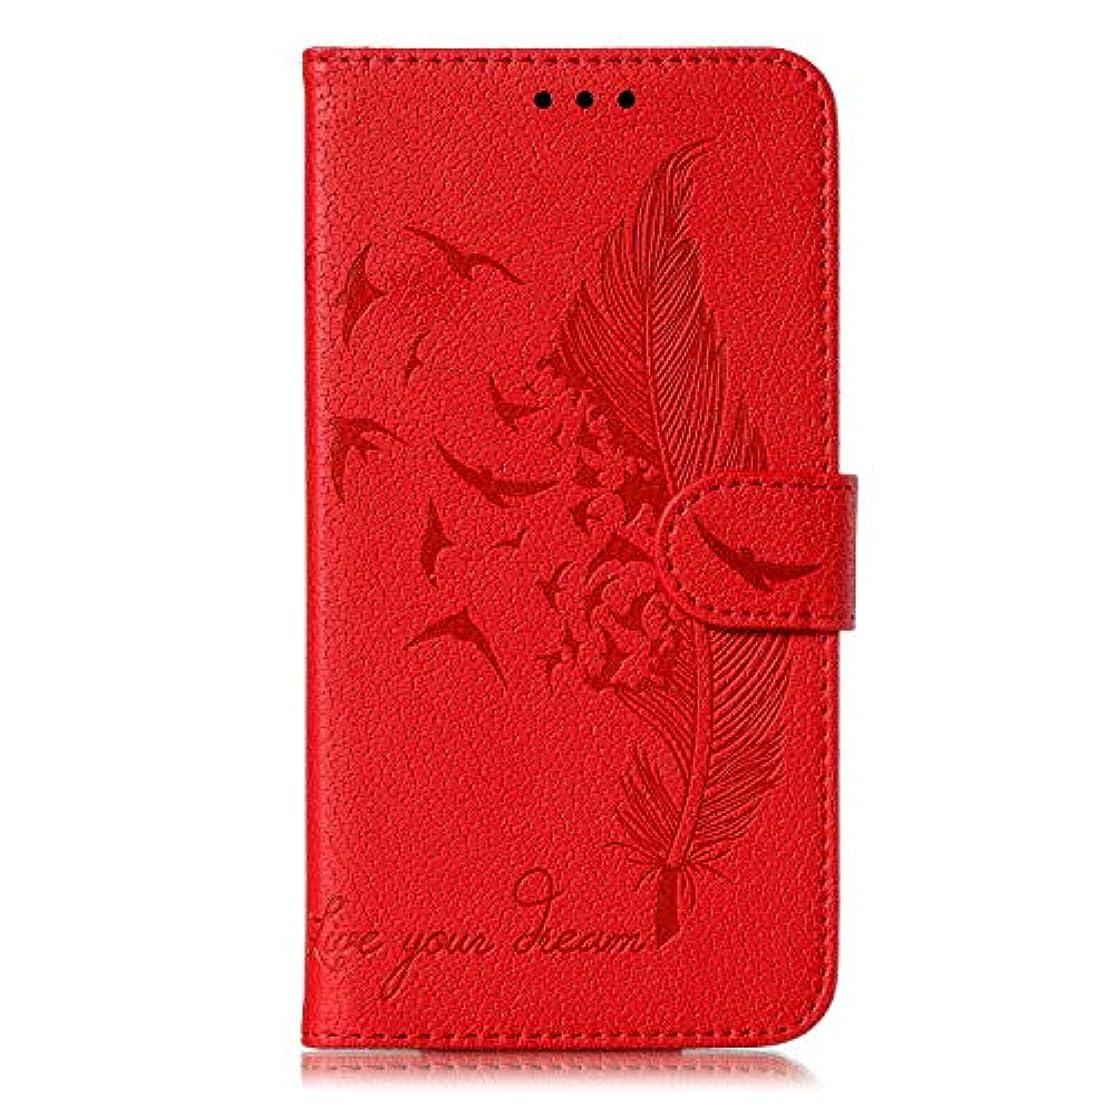 健全テクスチャーガスGalaxy A70 ケース, OMATENTI PUレザー手帳型 ケース, 薄型 財布押し花 フェザー柄 スマホケース, マグネット開閉式 スタンド機能 カード収納 付き人気 新品, 赤